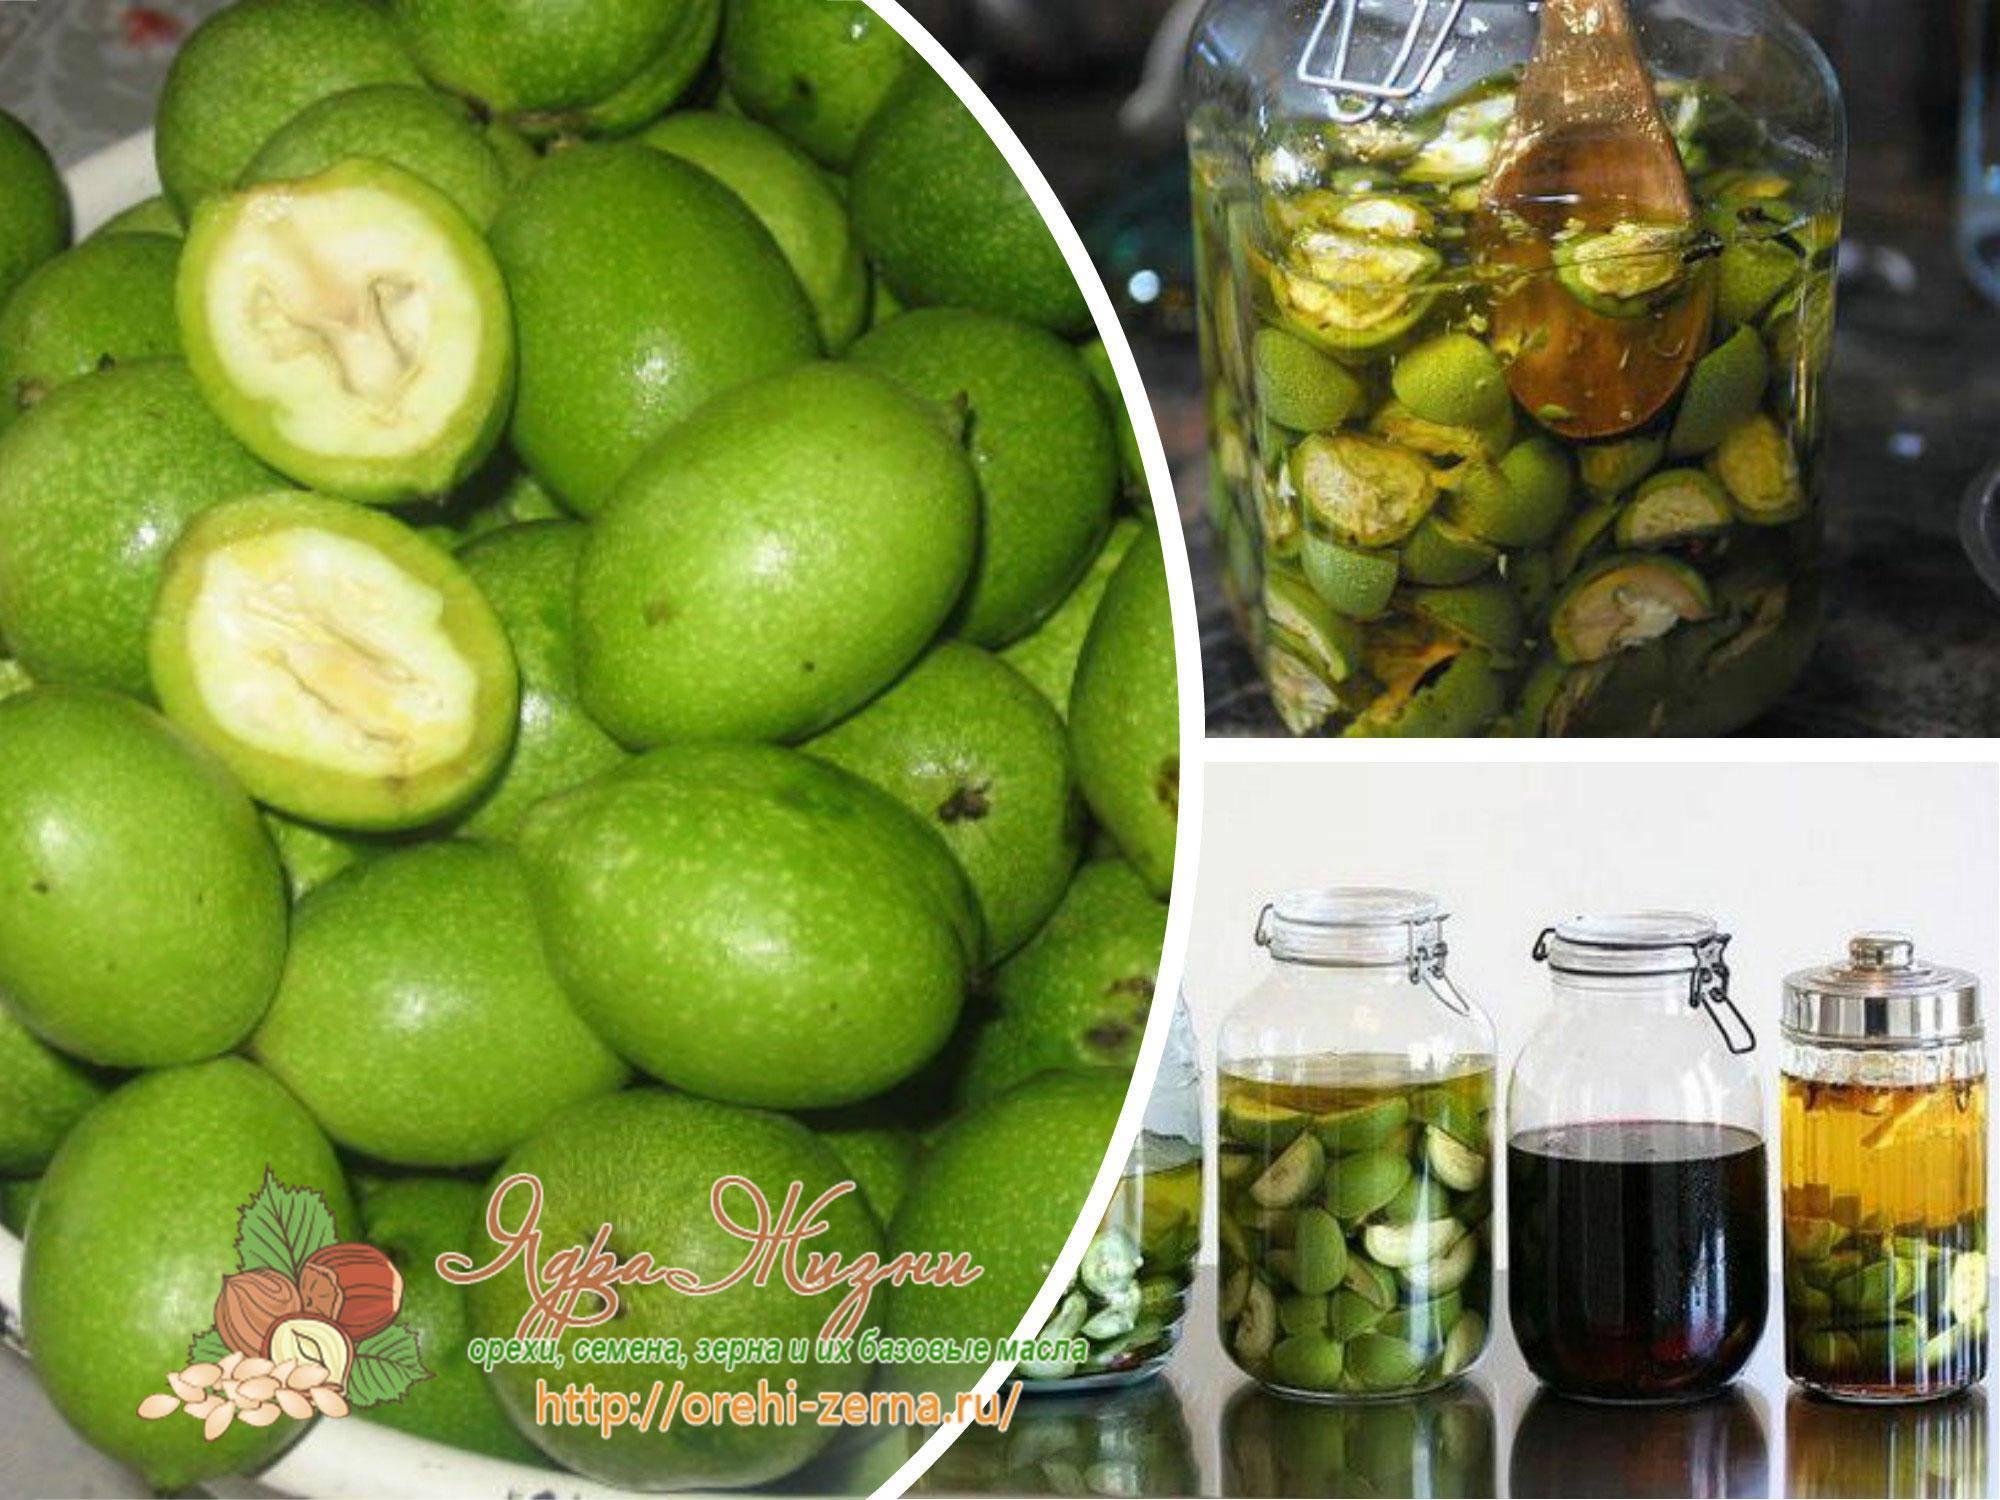 Настойка из зеленых грецких орехов на водке, спирту, керосине